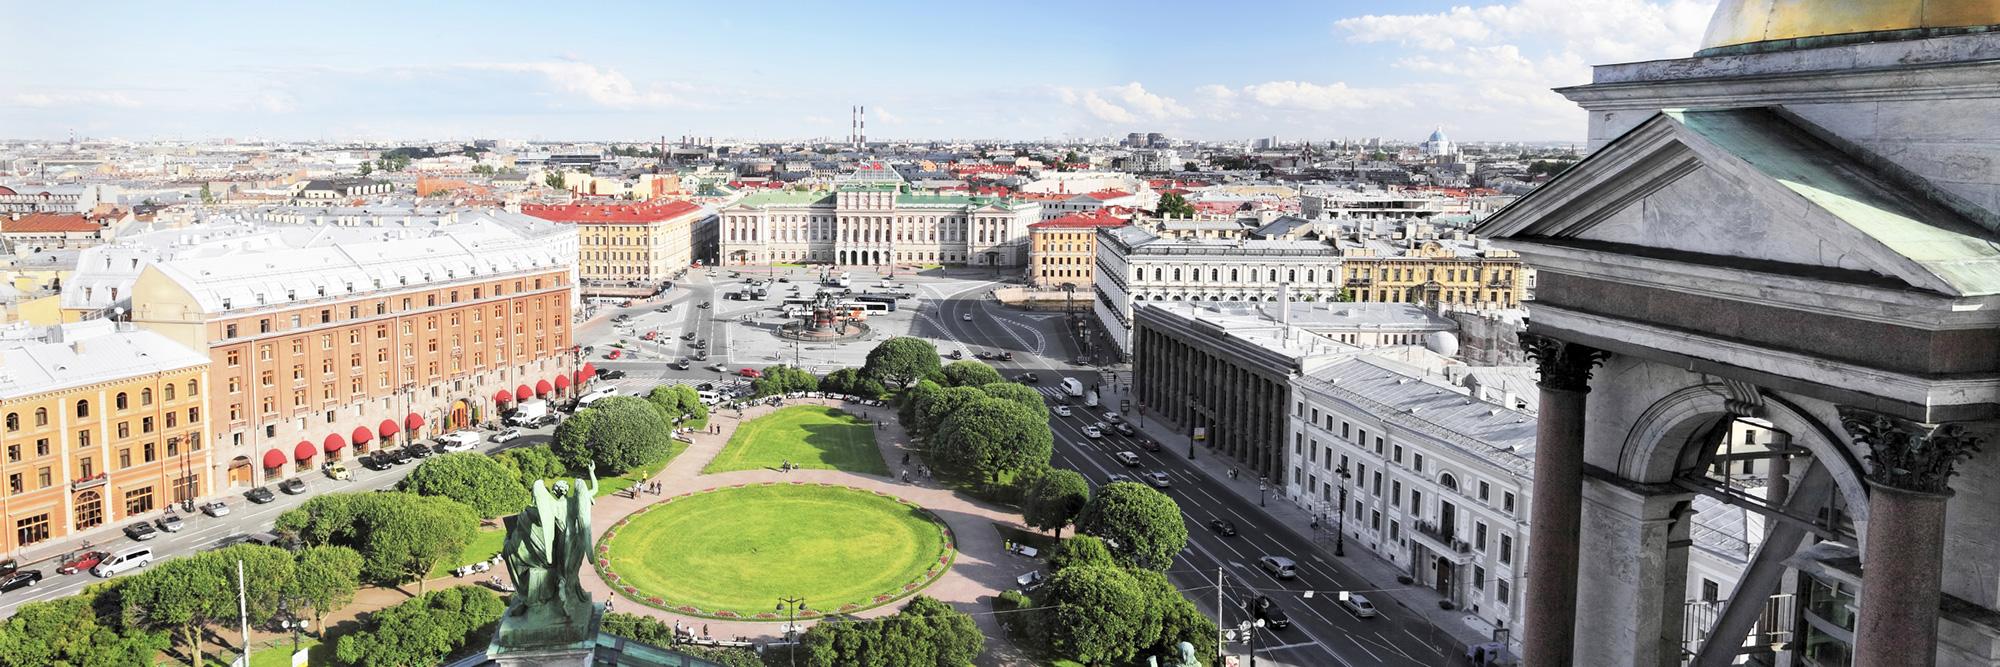 Visite de Saint-Pétersbourg par les toits